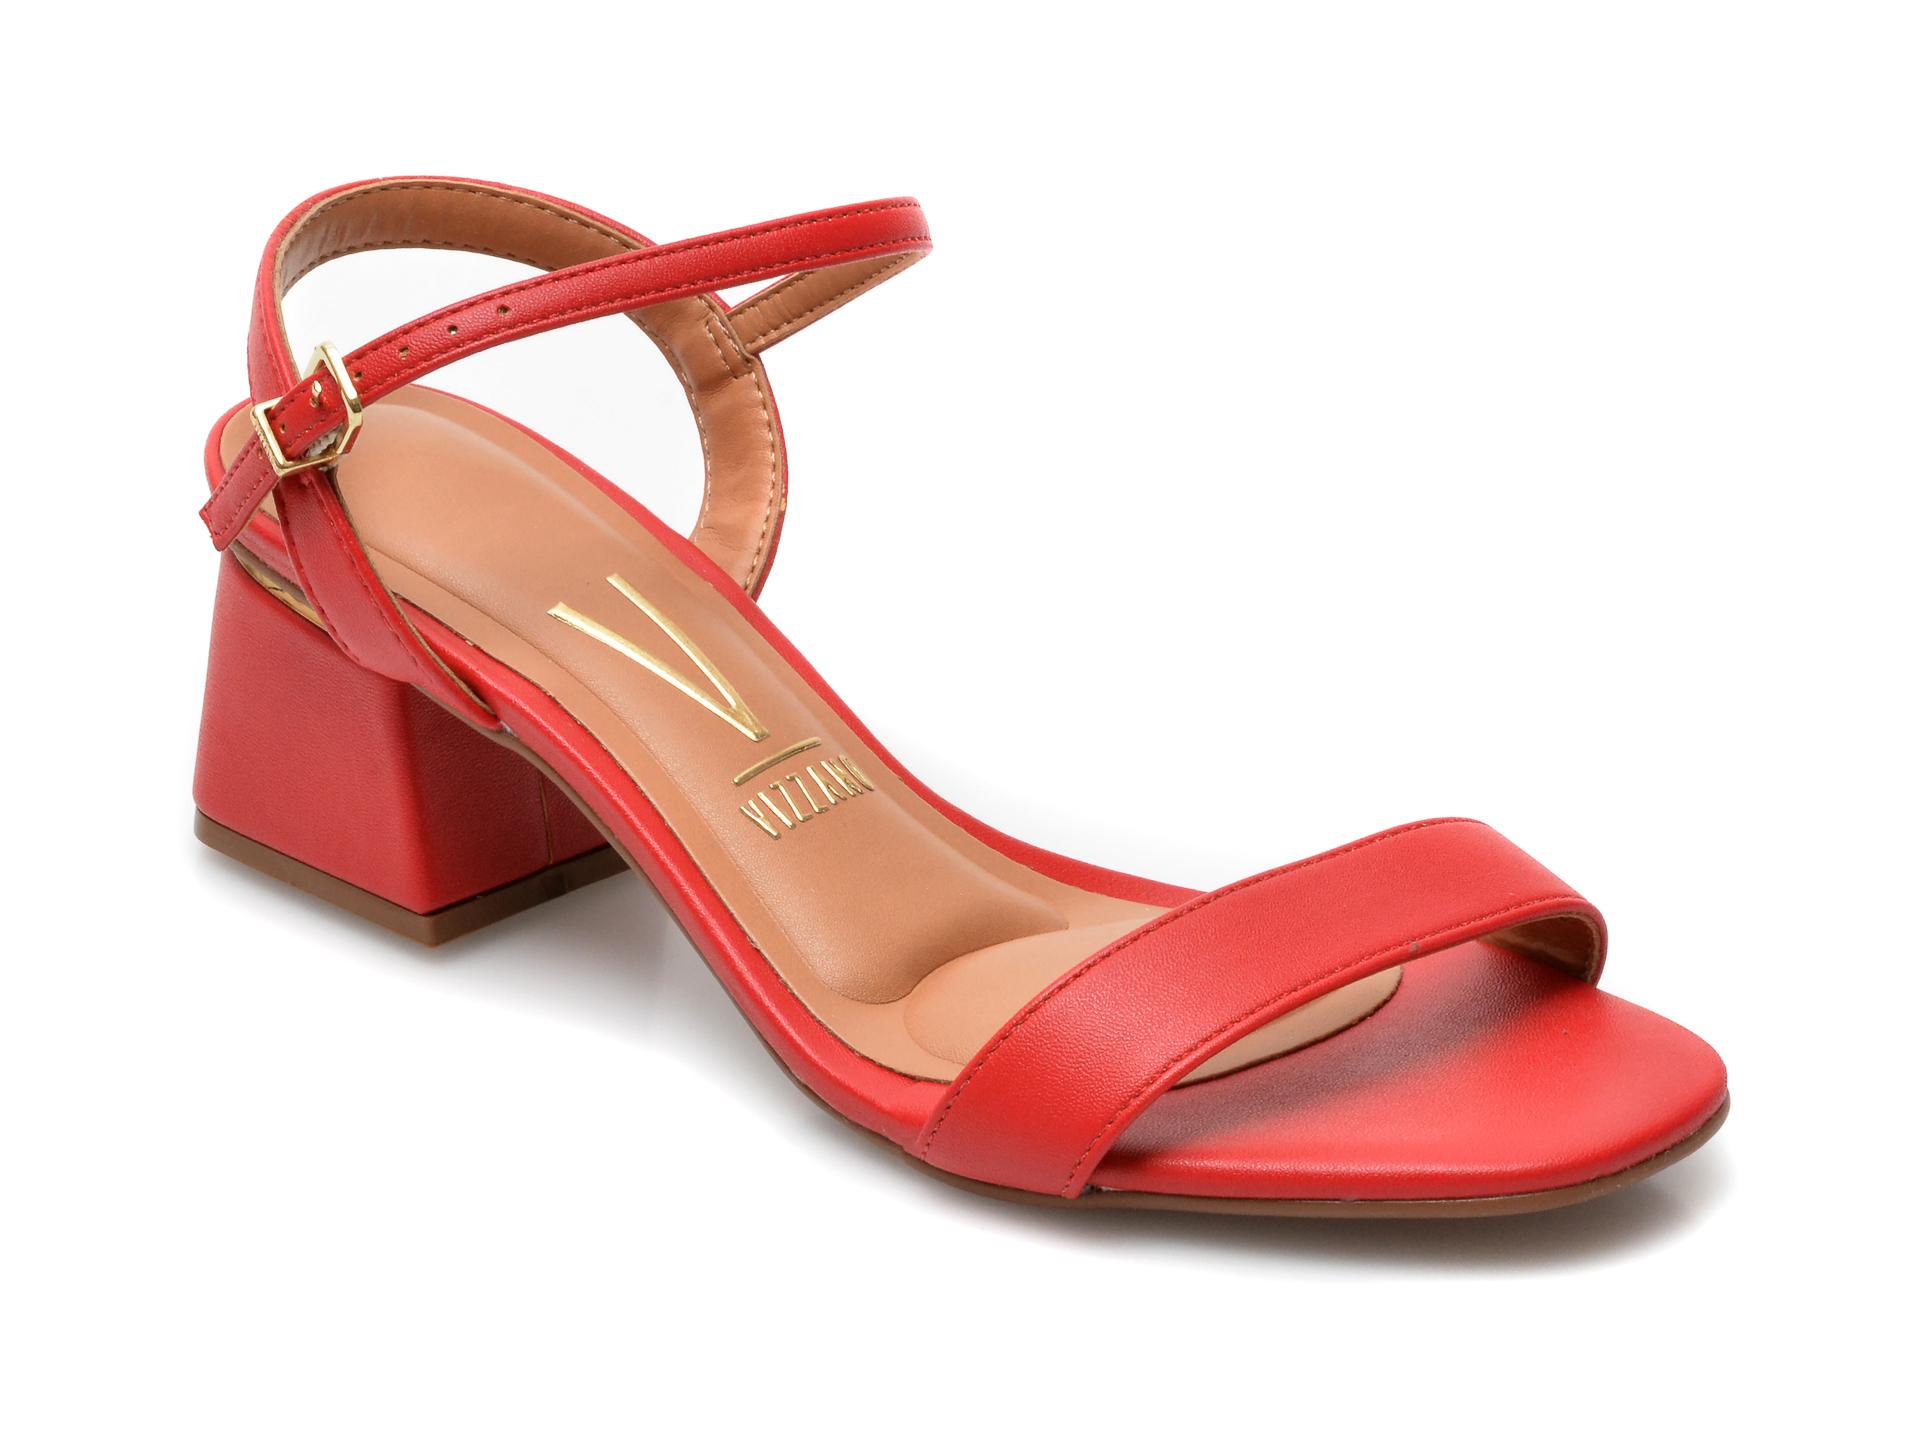 Sandale VIZZANO rosii, 6428101, din piele ecologica imagine 2021 otter.ro